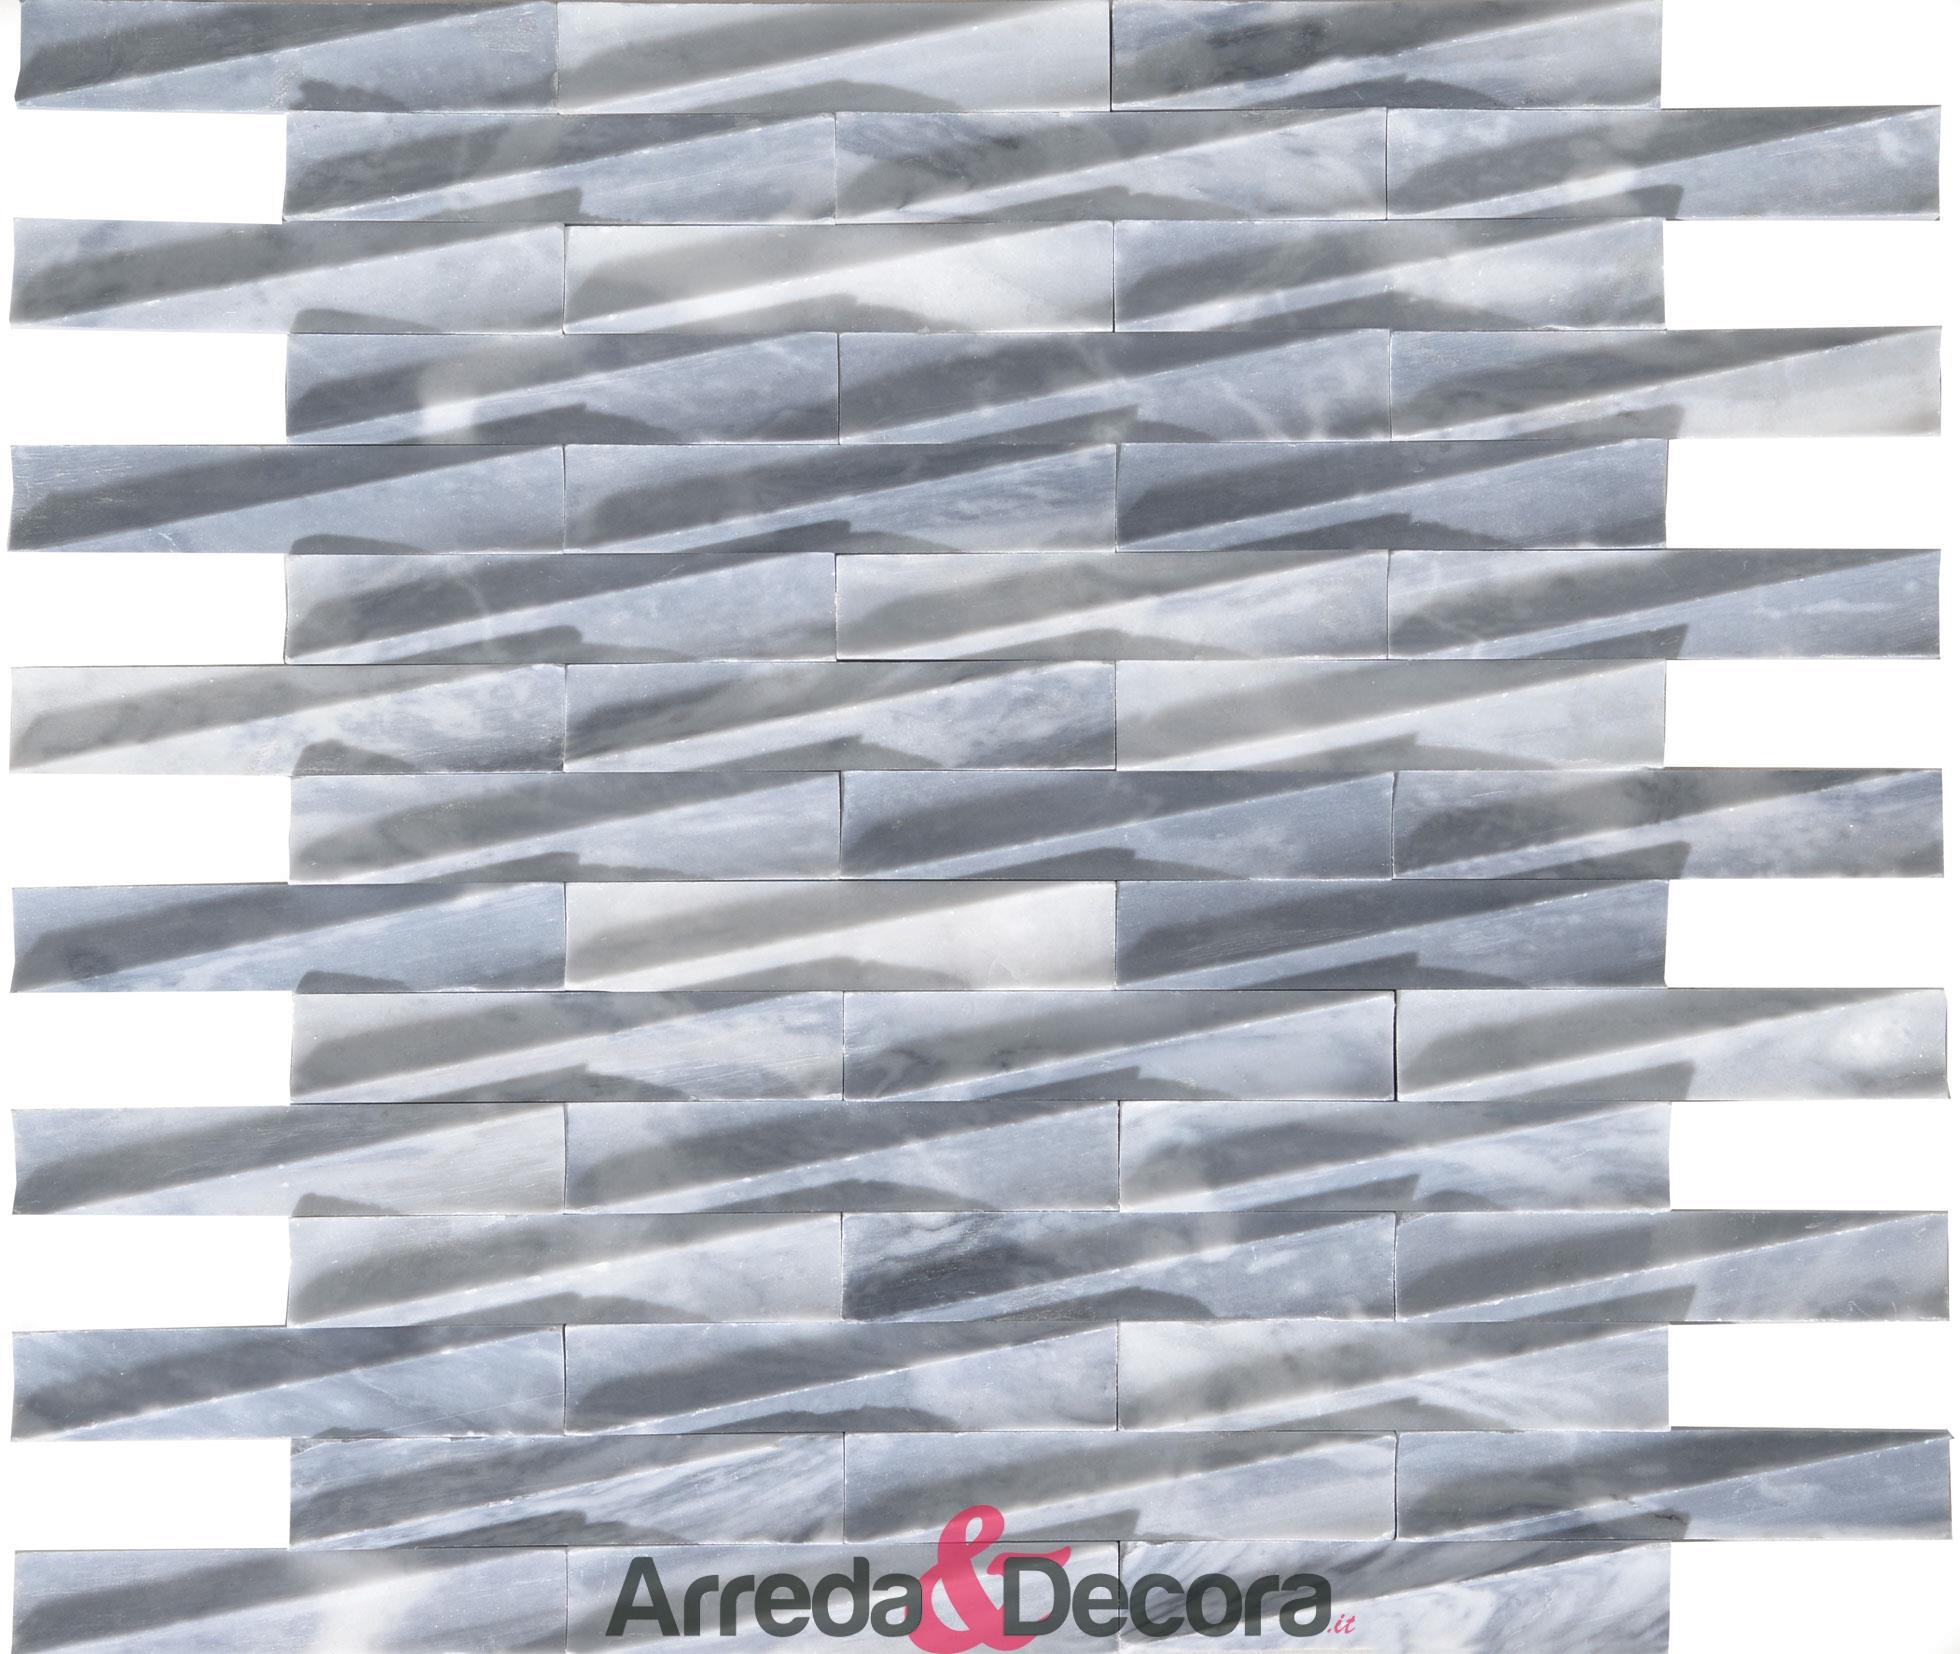 mosaico-in-marmo-grigio-chiaro-a-incastro